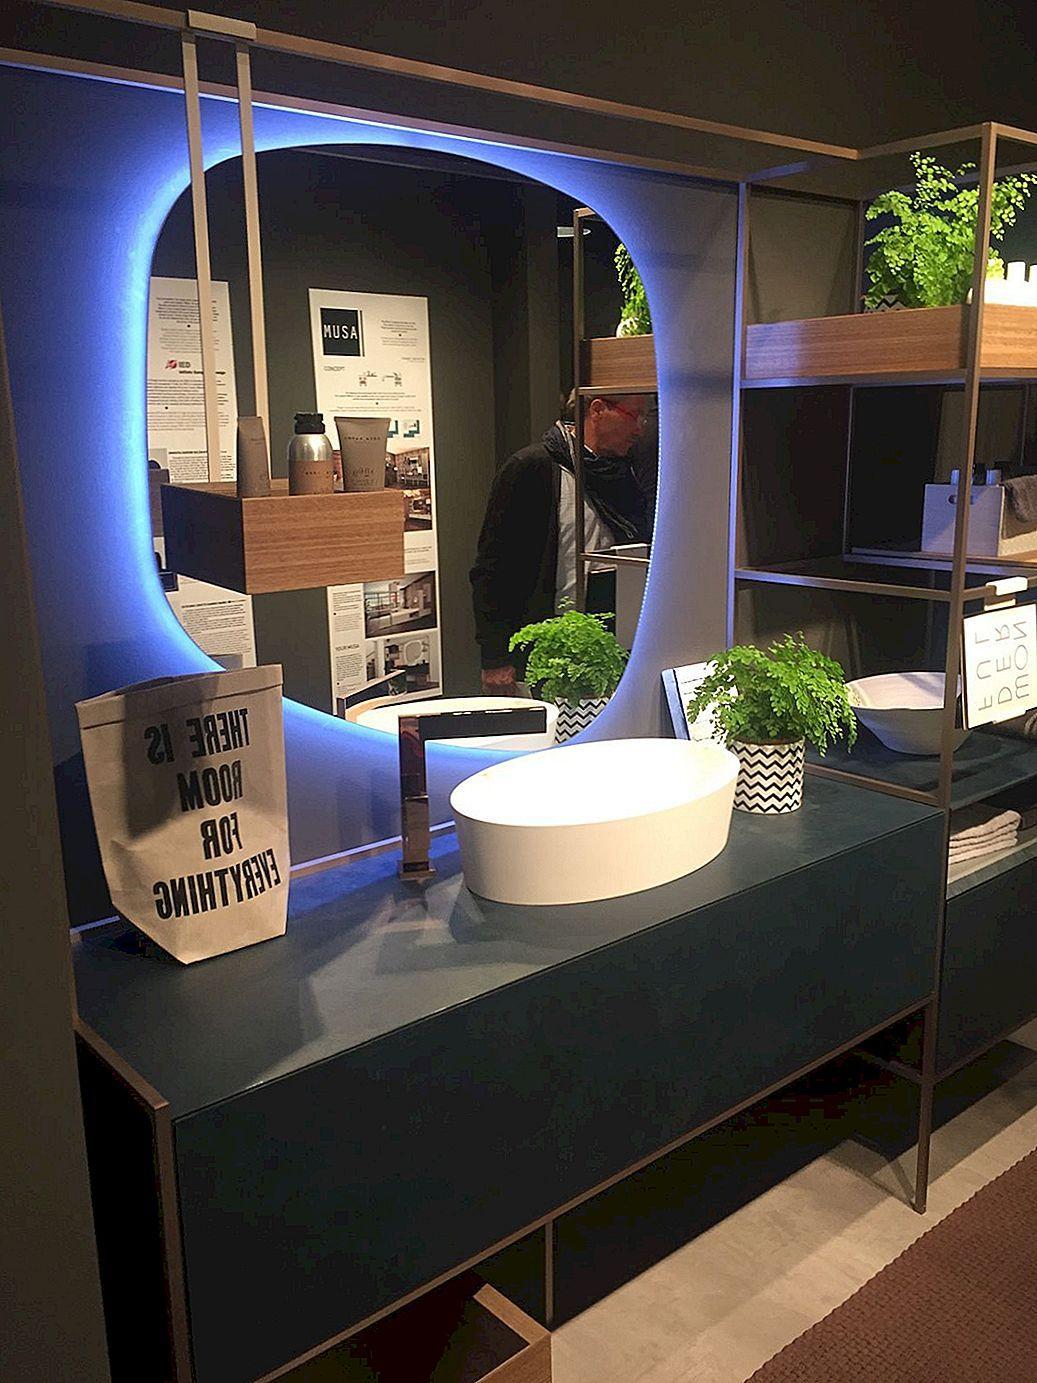 21 Vannitoa Dekoratiivsed Ideed Mis Toovad Valgusele Uusi Kontseptsioone Bathroom Mirror Bathroom Wallpaper Trends Contemporary Bathrooms